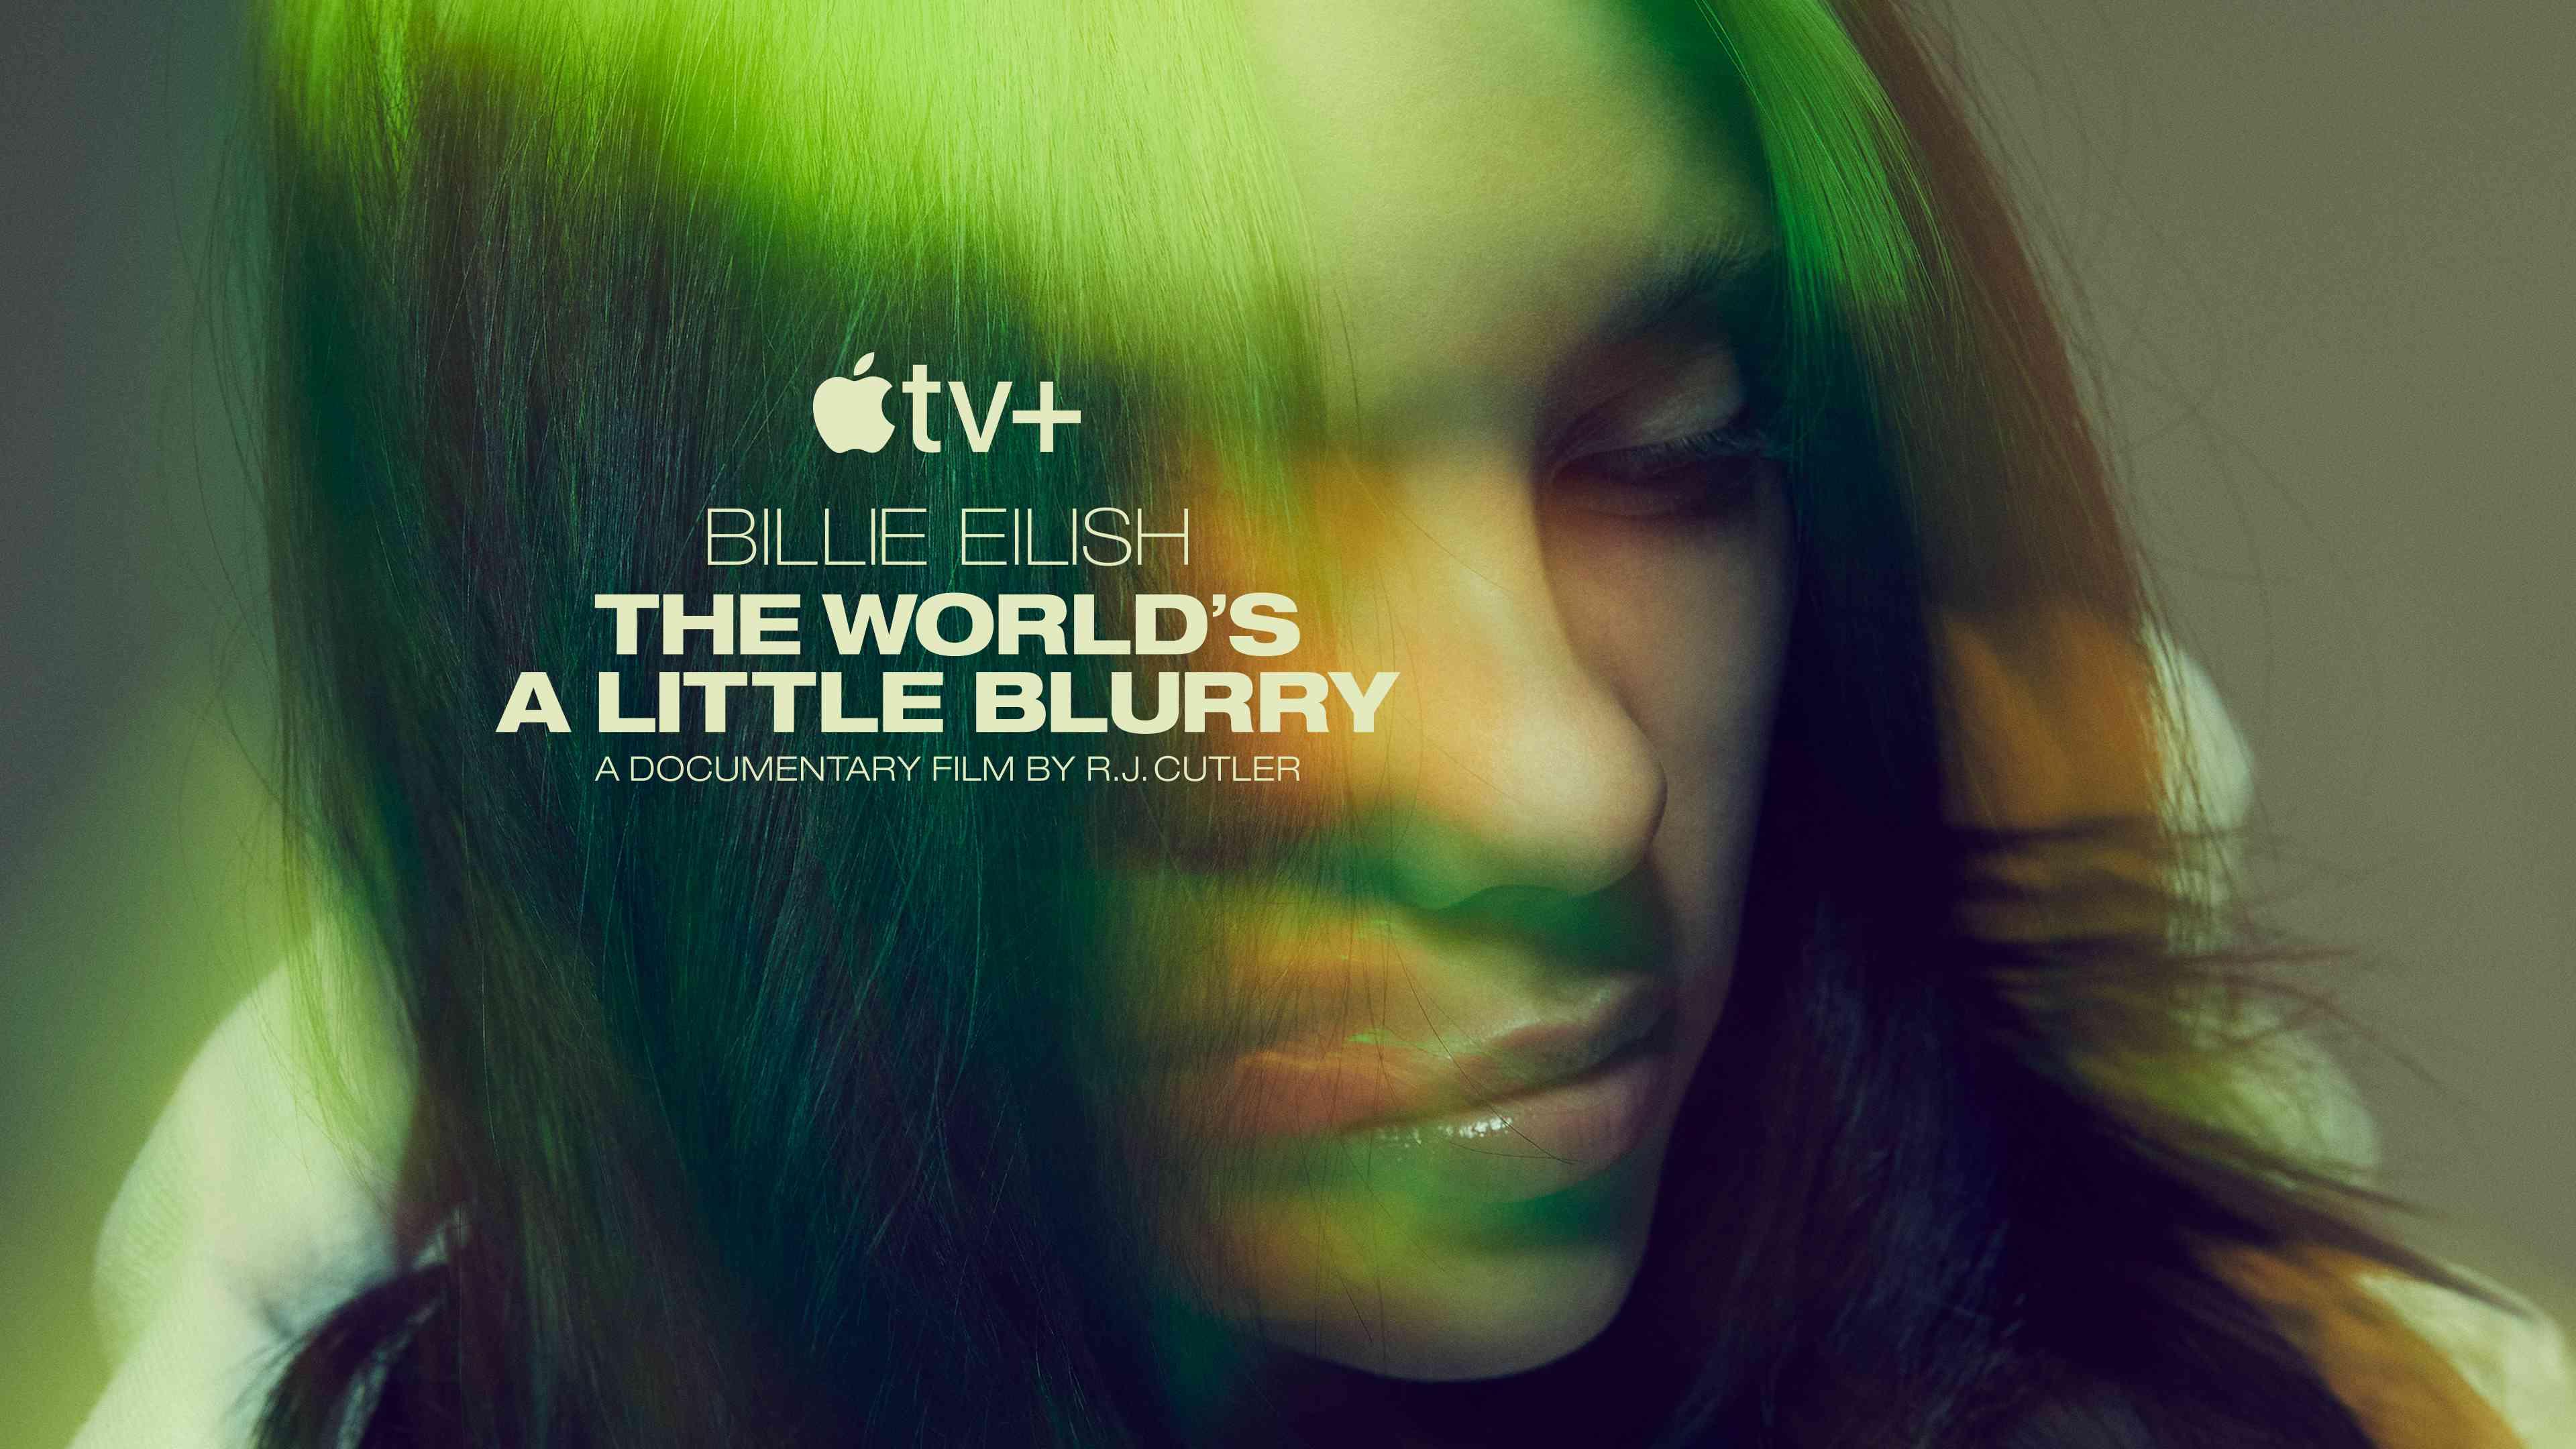 Key art for the Apple TV documentary 'Bilile Eilish: The World's a Little Blurry'